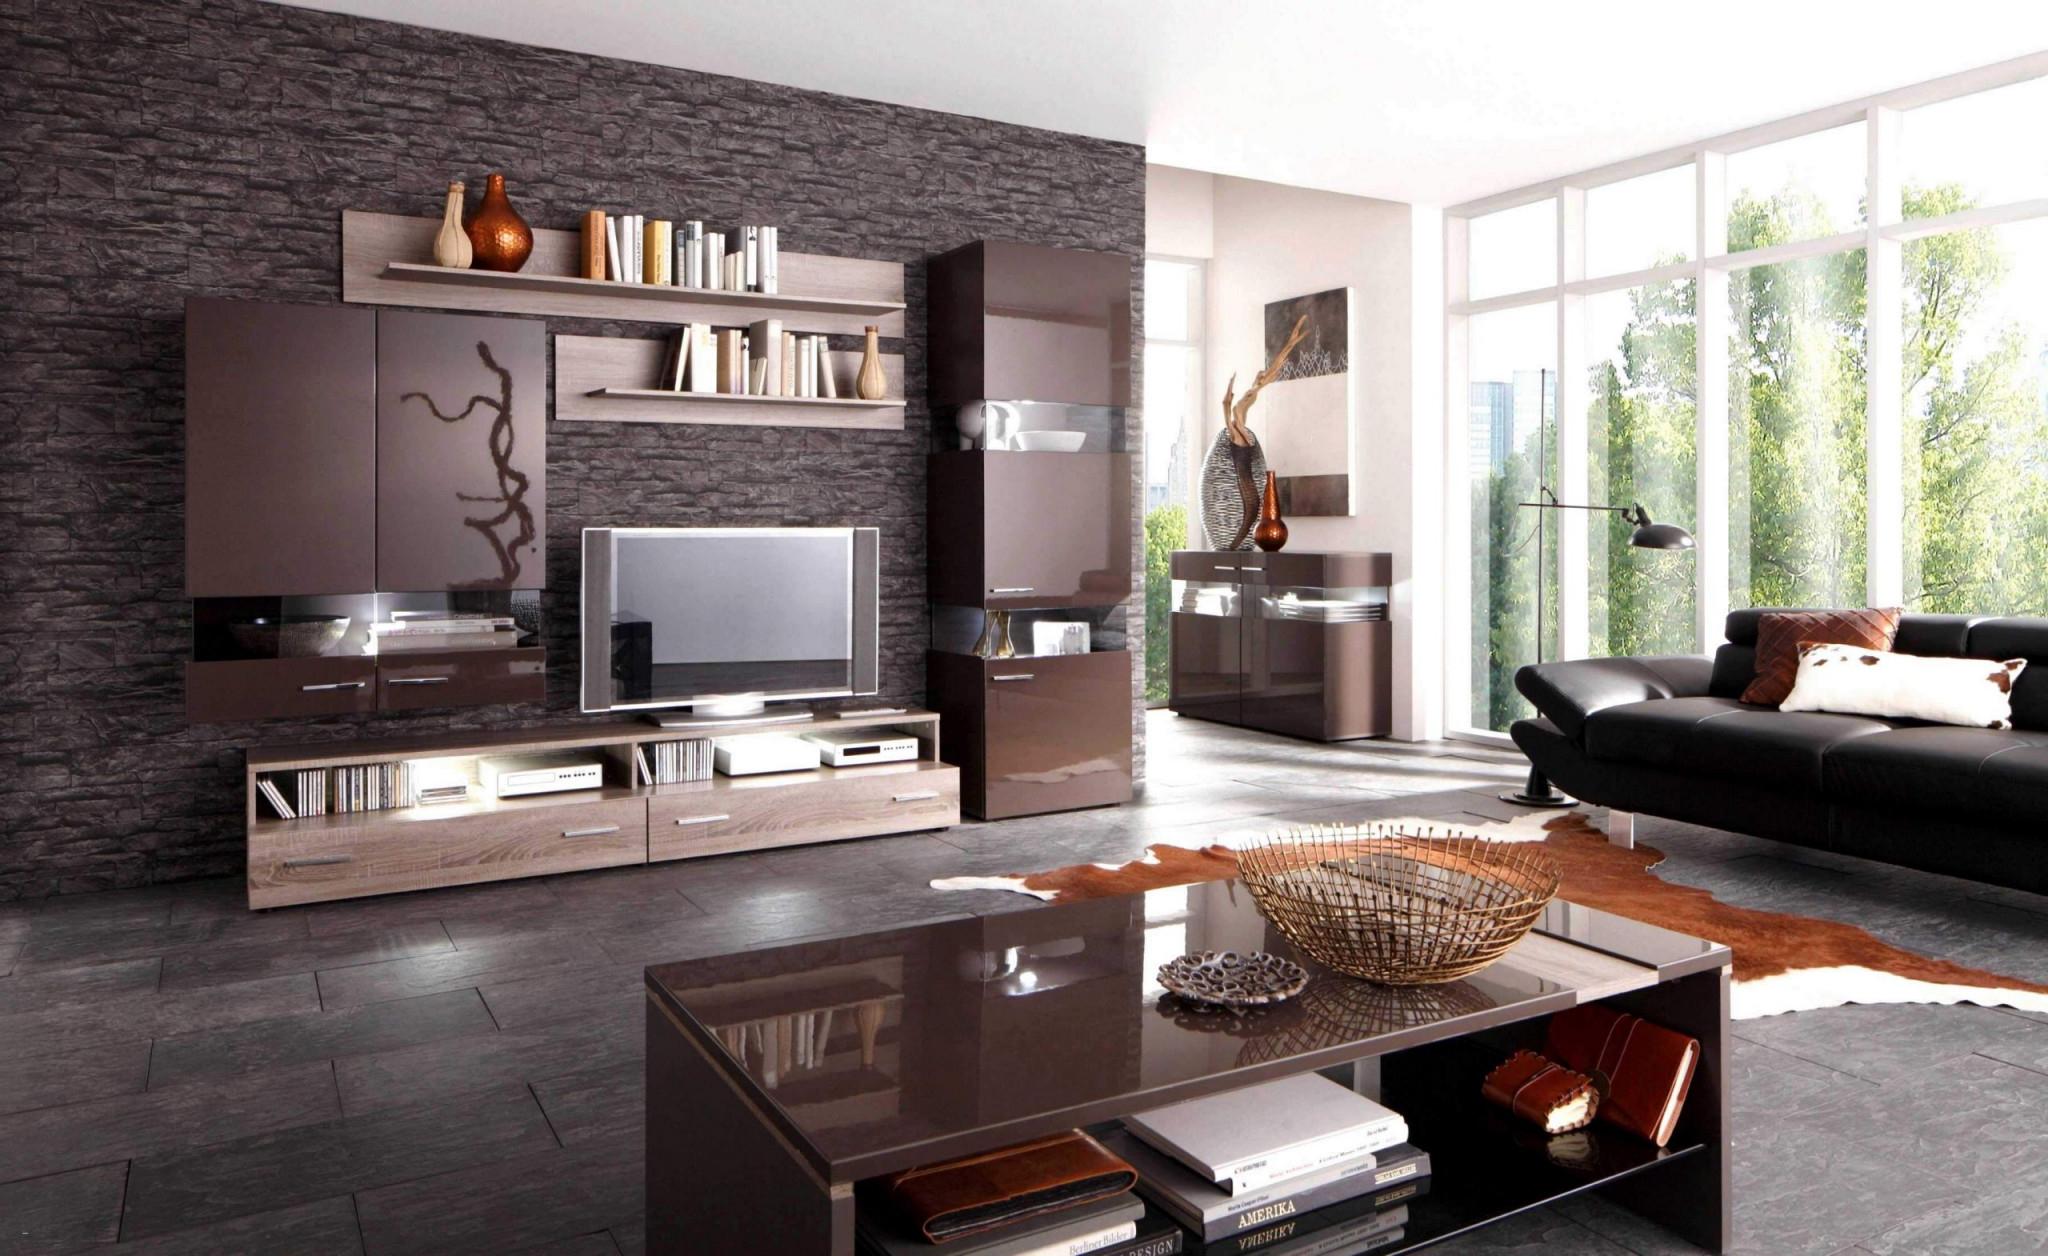 Wohnzimmer Holz Inspirierend Wohnzimmer Ideen Wandgestaltung von Wohnzimmer Ideen Holz Bild